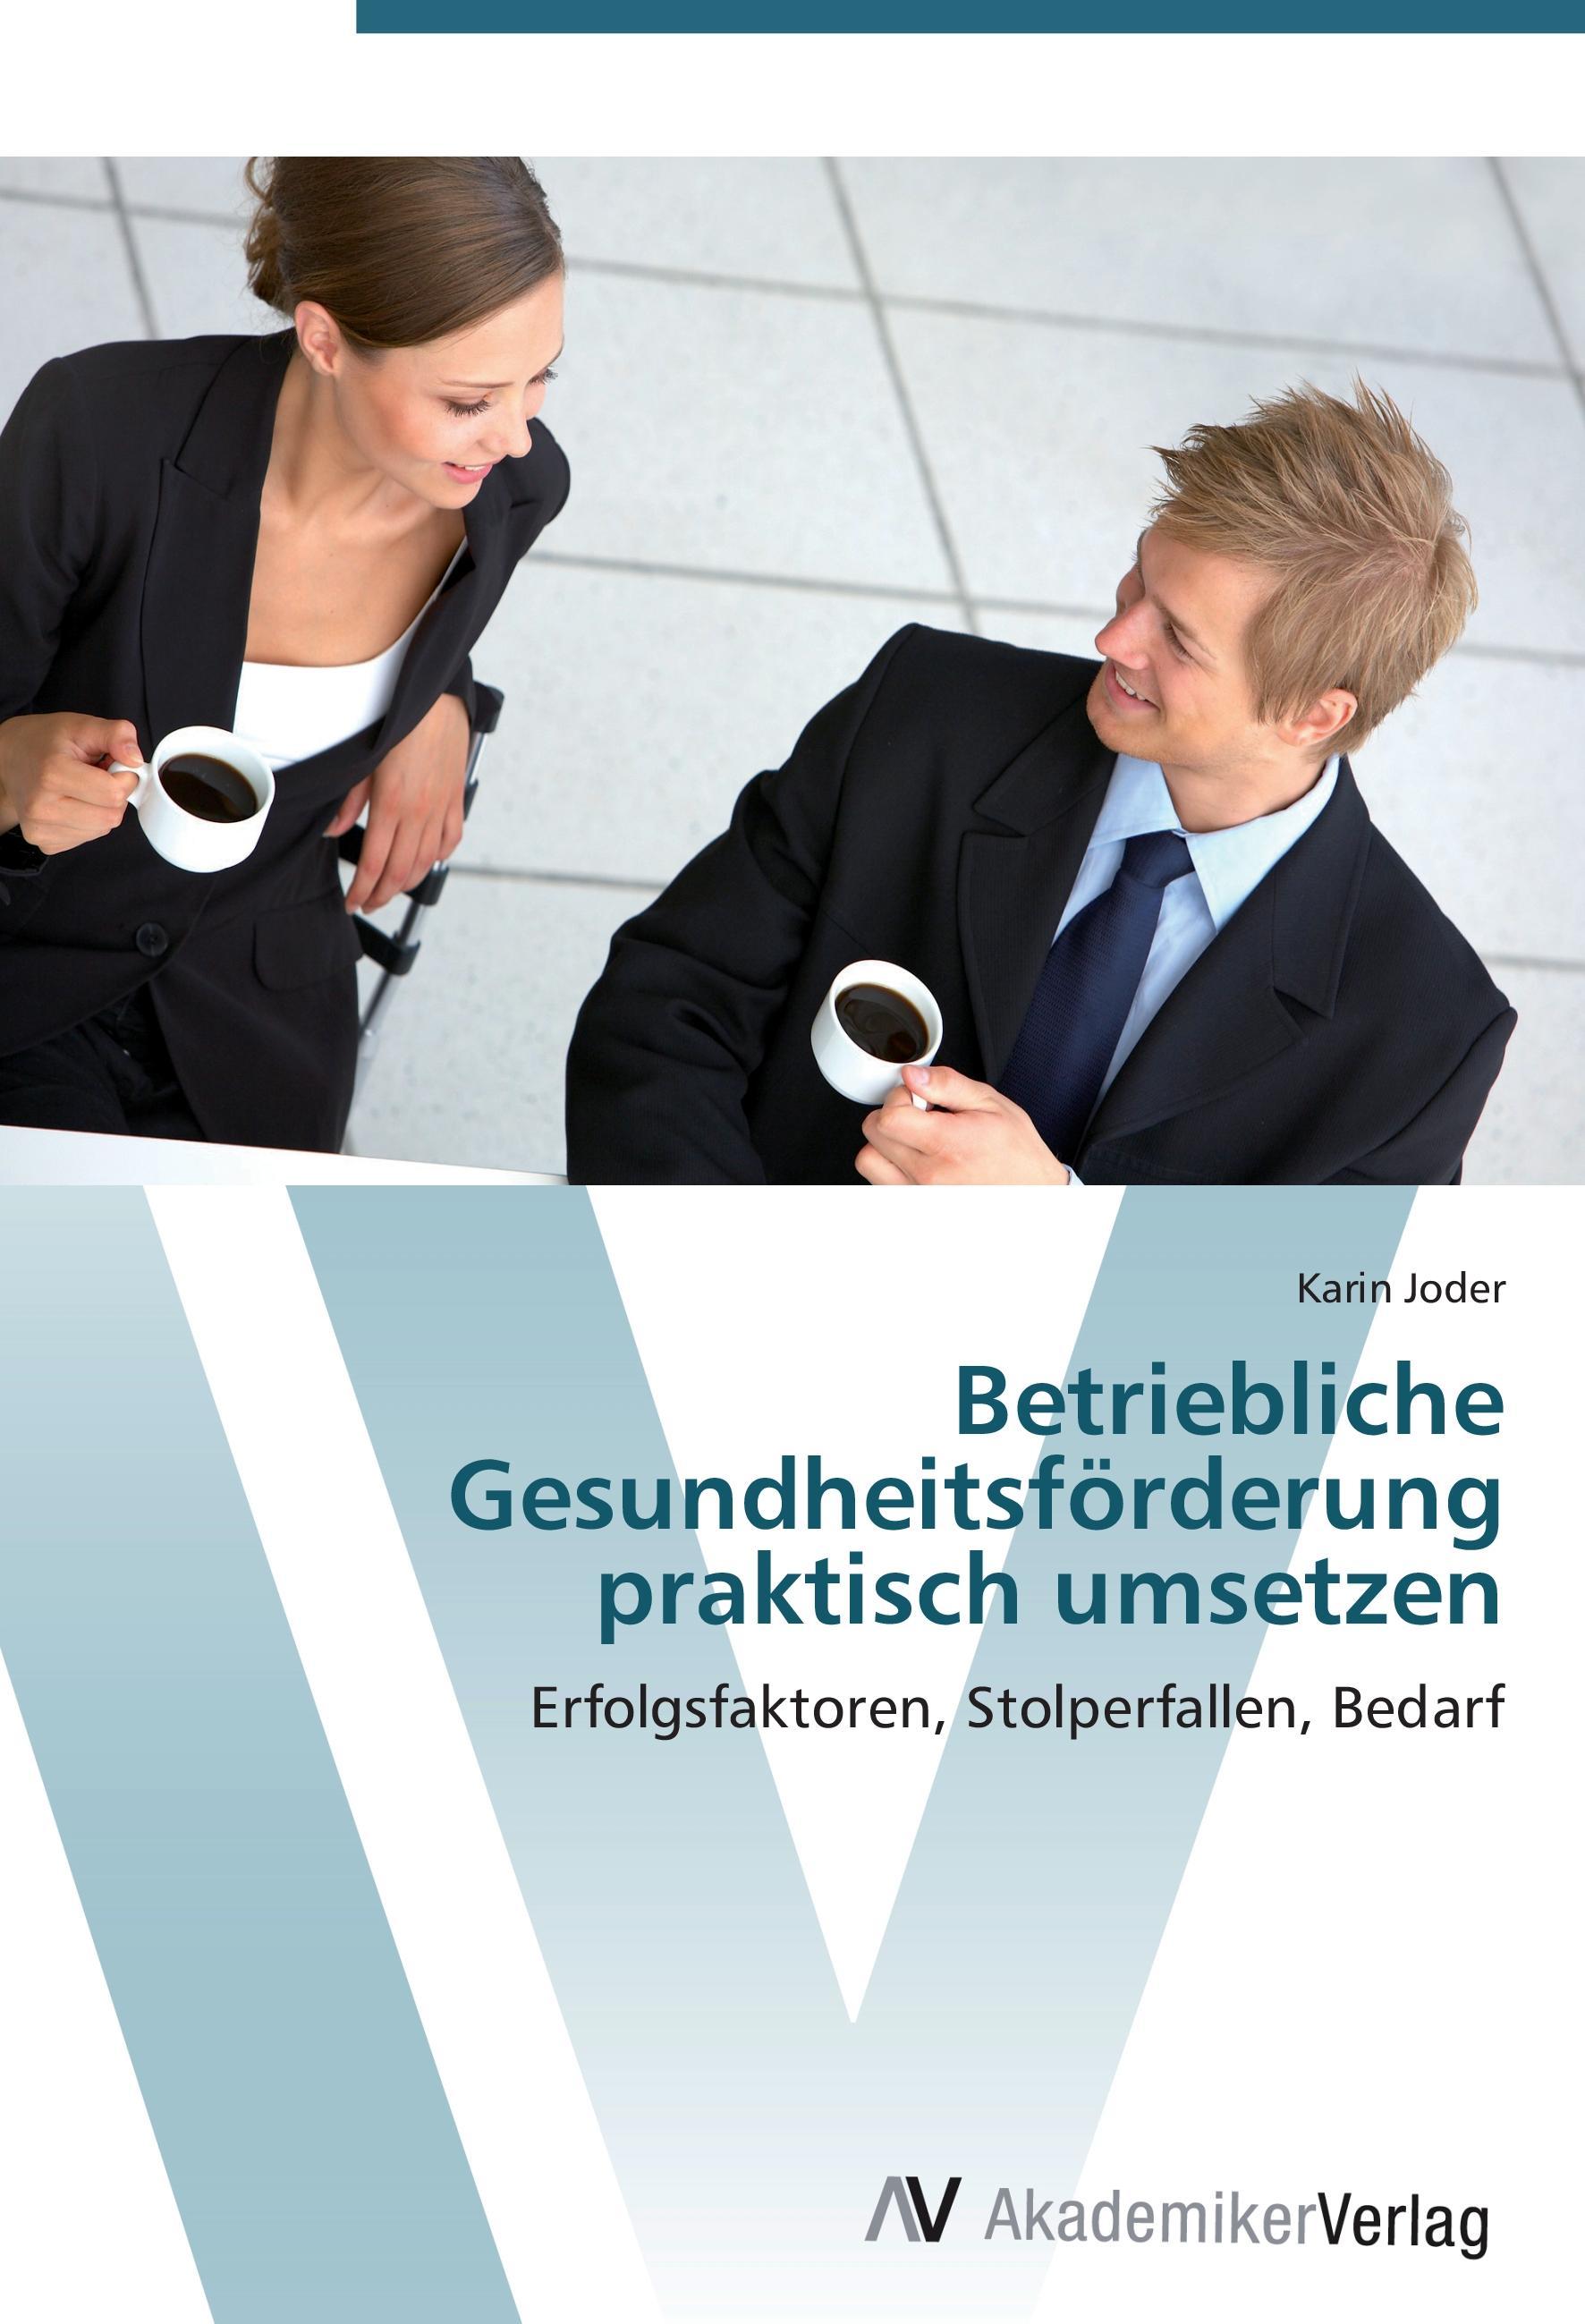 Betriebliche Gesundheitsförderung praktisch umsetzen  Erfolgsfaktoren, Stolperfallen, Bedarf  Karin Joder  Taschenbuch  Paperback  Deutsch  2012 - Joder, Karin